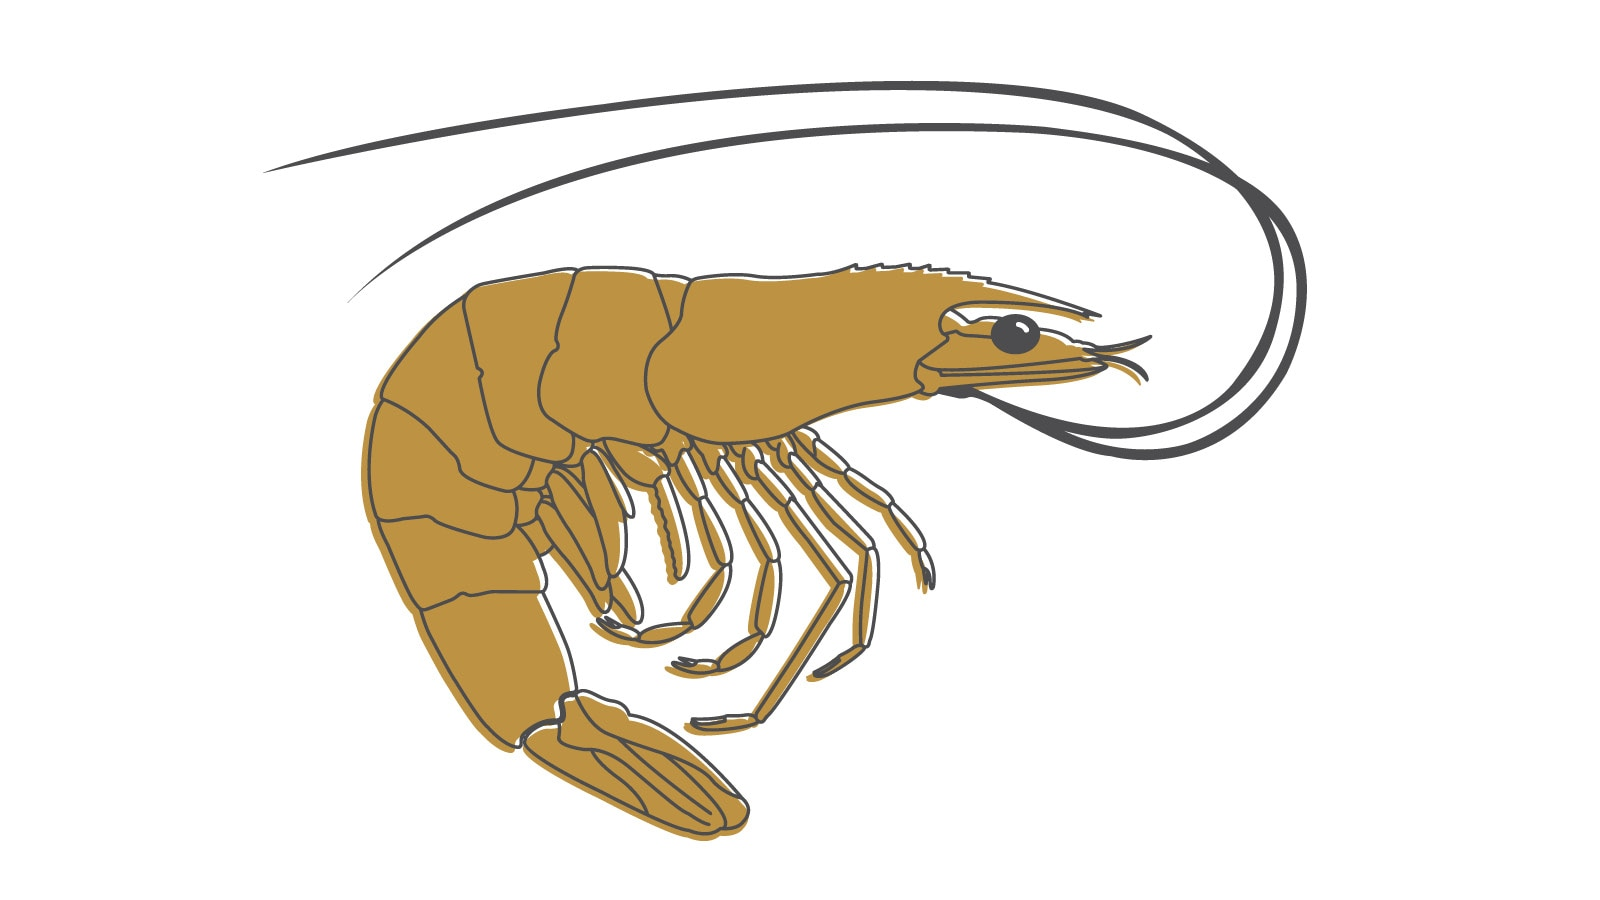 Una ilustración de un camarón.